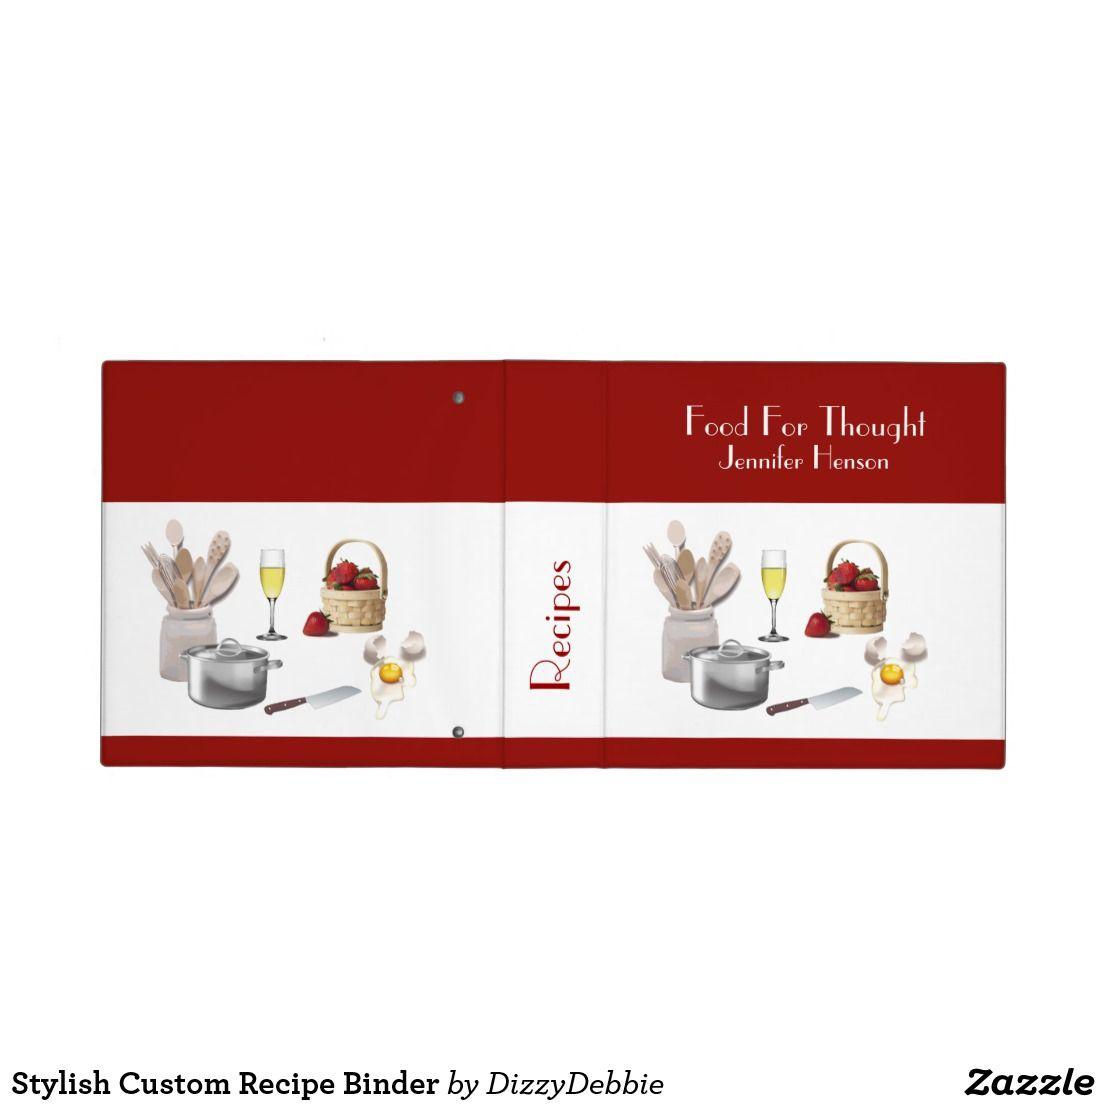 Stylish Custom Recipe Binder